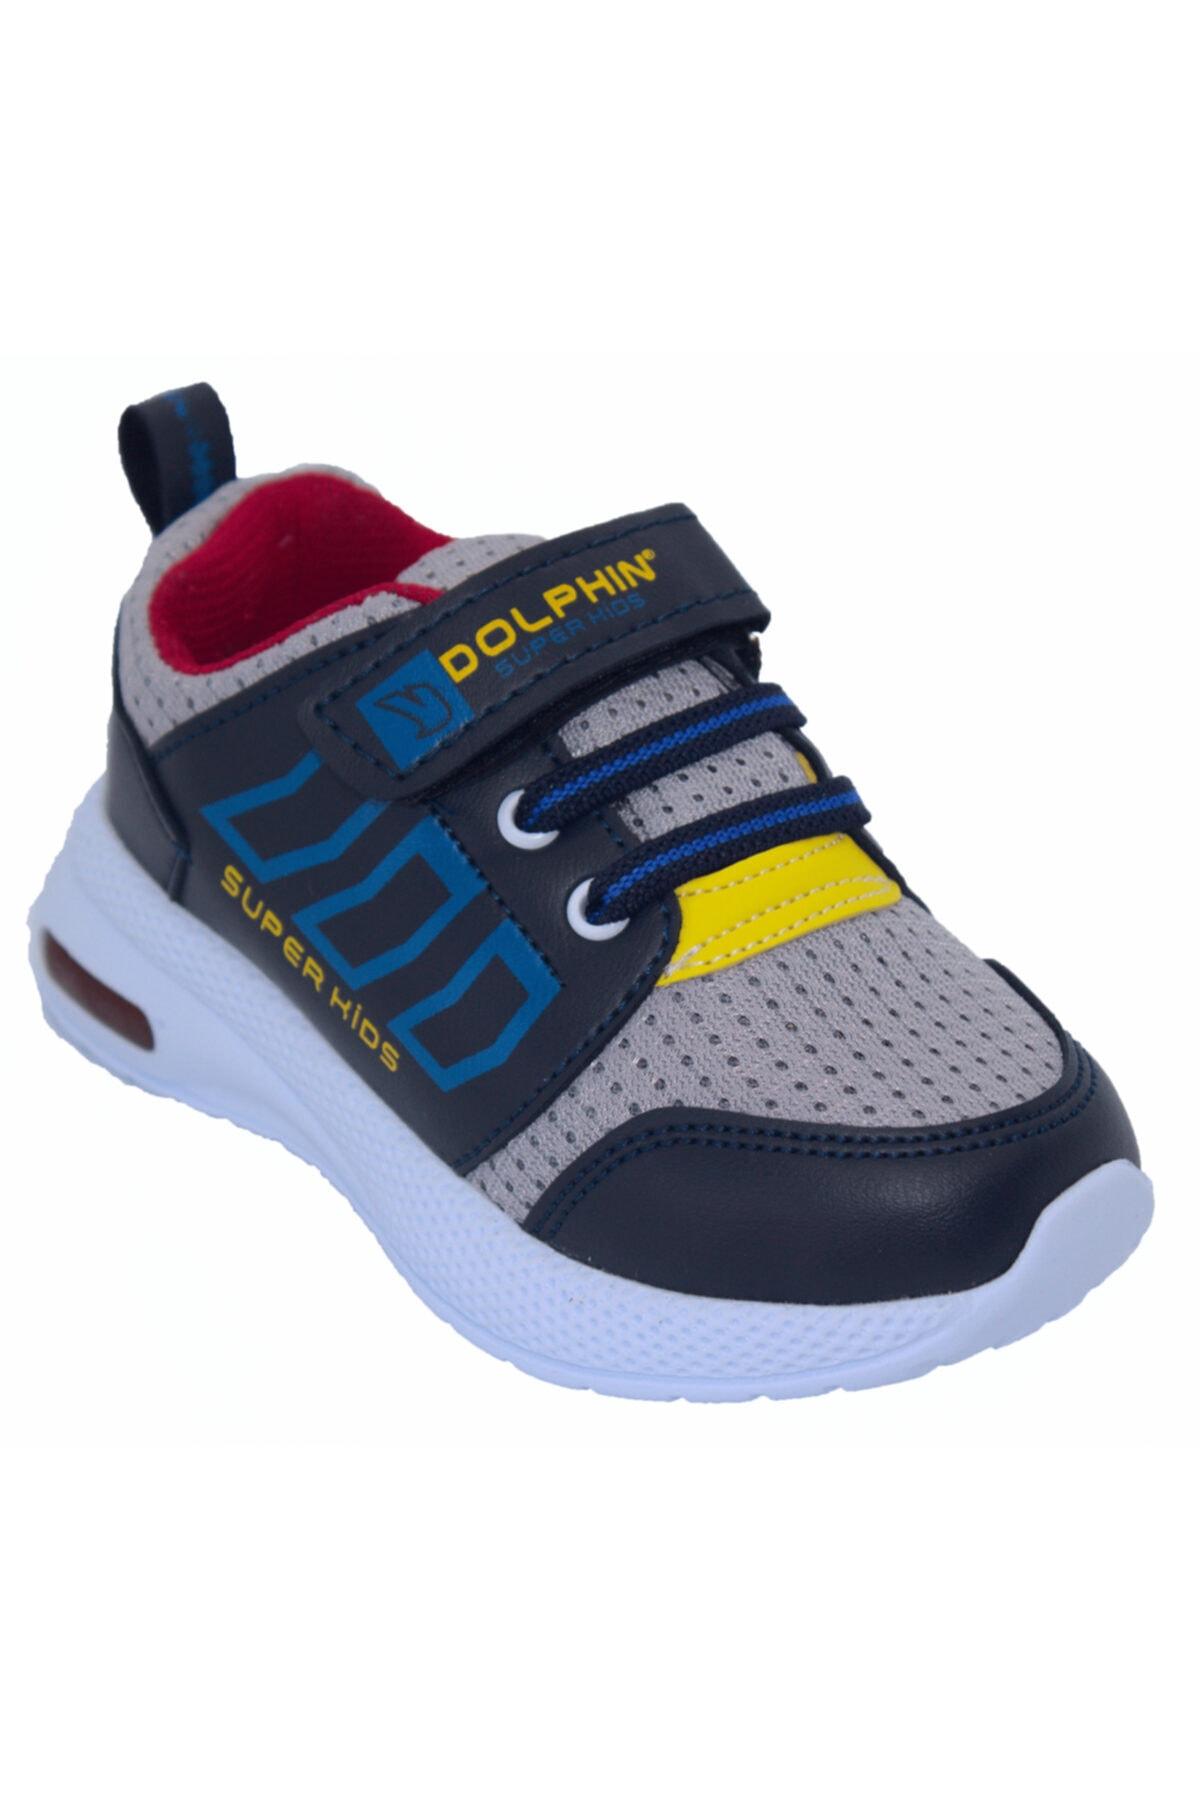 Dolphin Erkek Çock Siyah Işıklı Cırt Cırtlı Spor Ayakkabı 1